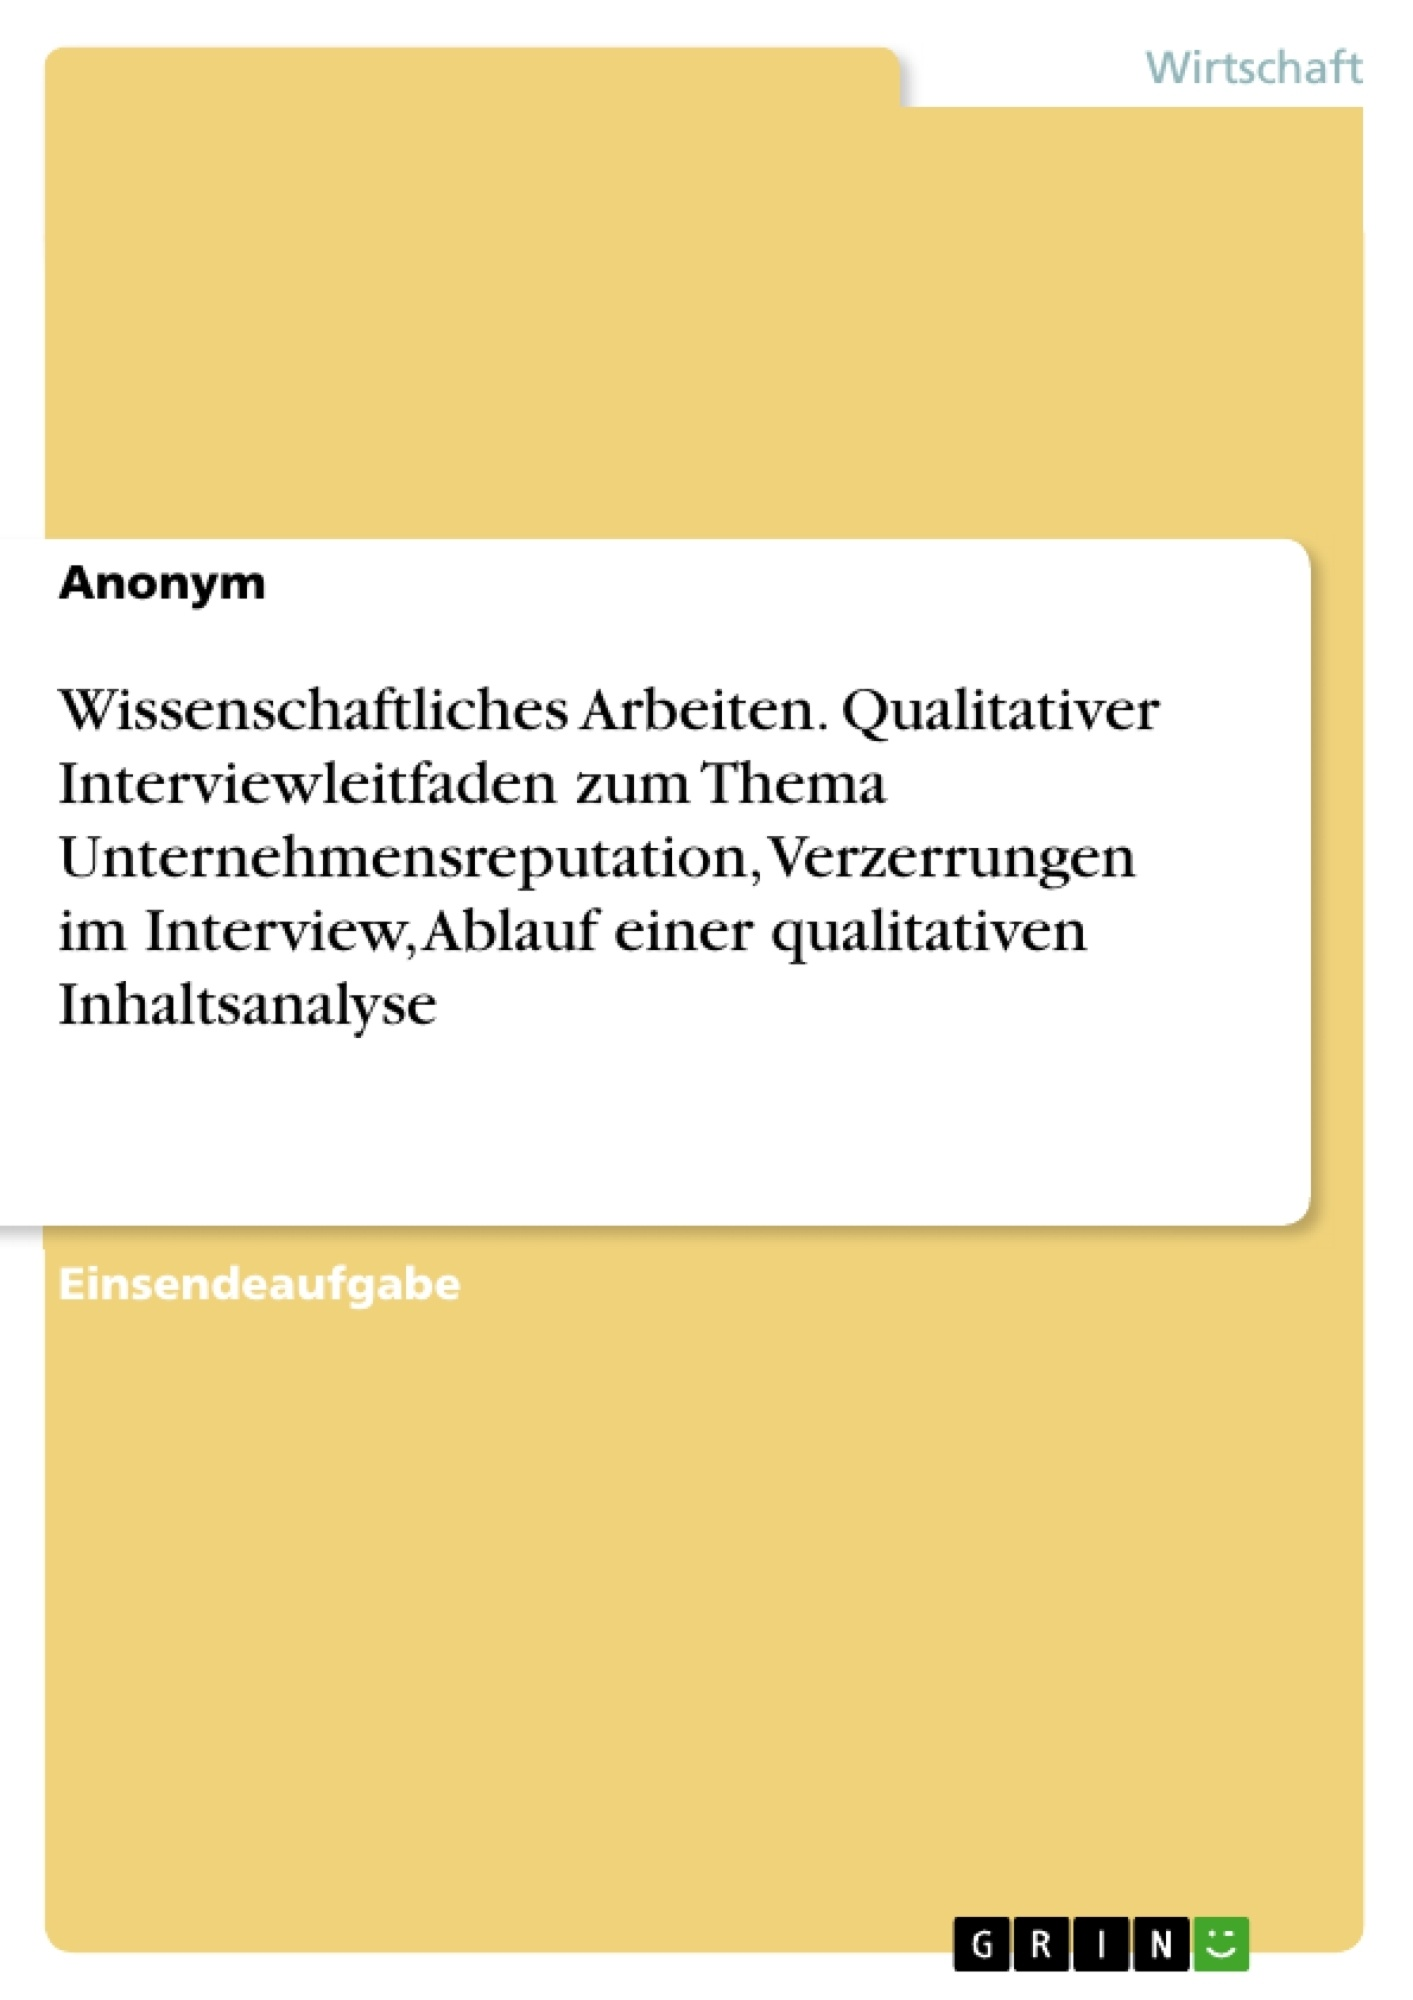 Titel: Wissenschaftliches Arbeiten. Qualitativer Interviewleitfaden zum Thema Unternehmensreputation, Verzerrungen im Interview, Ablauf einer qualitativen Inhaltsanalyse